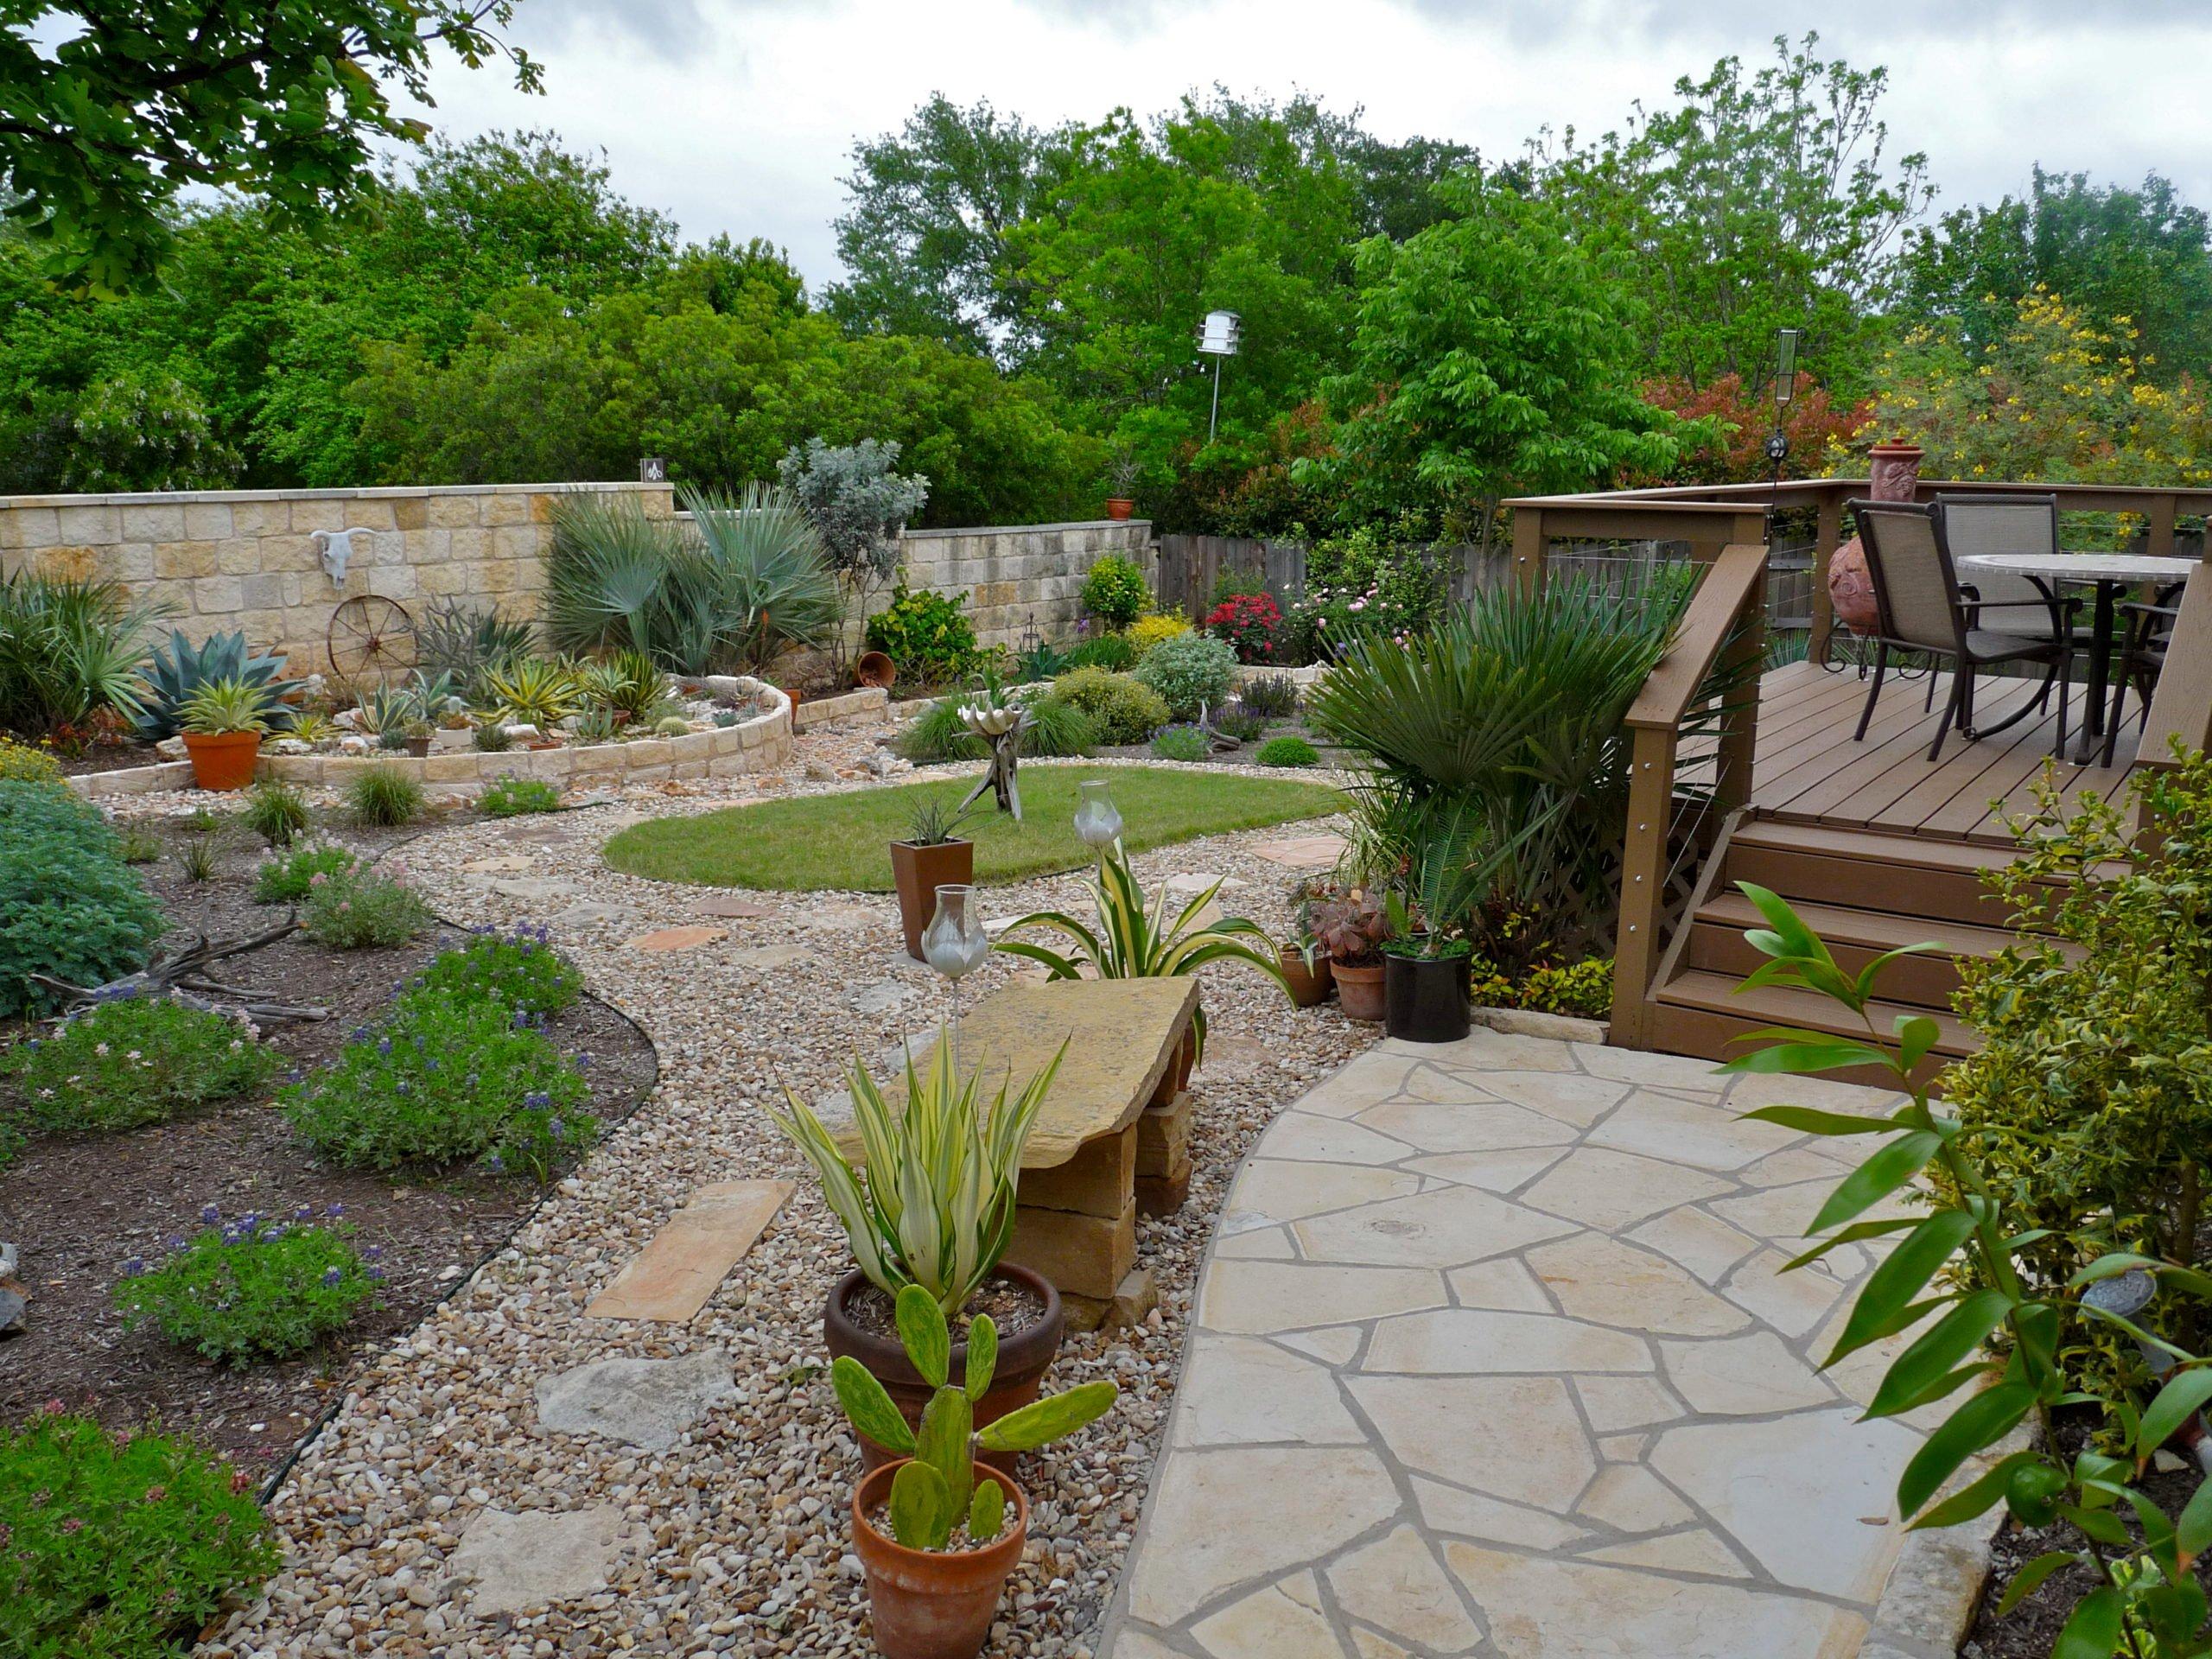 Garten gestalten Hinweise: Je grüner, desto besser!